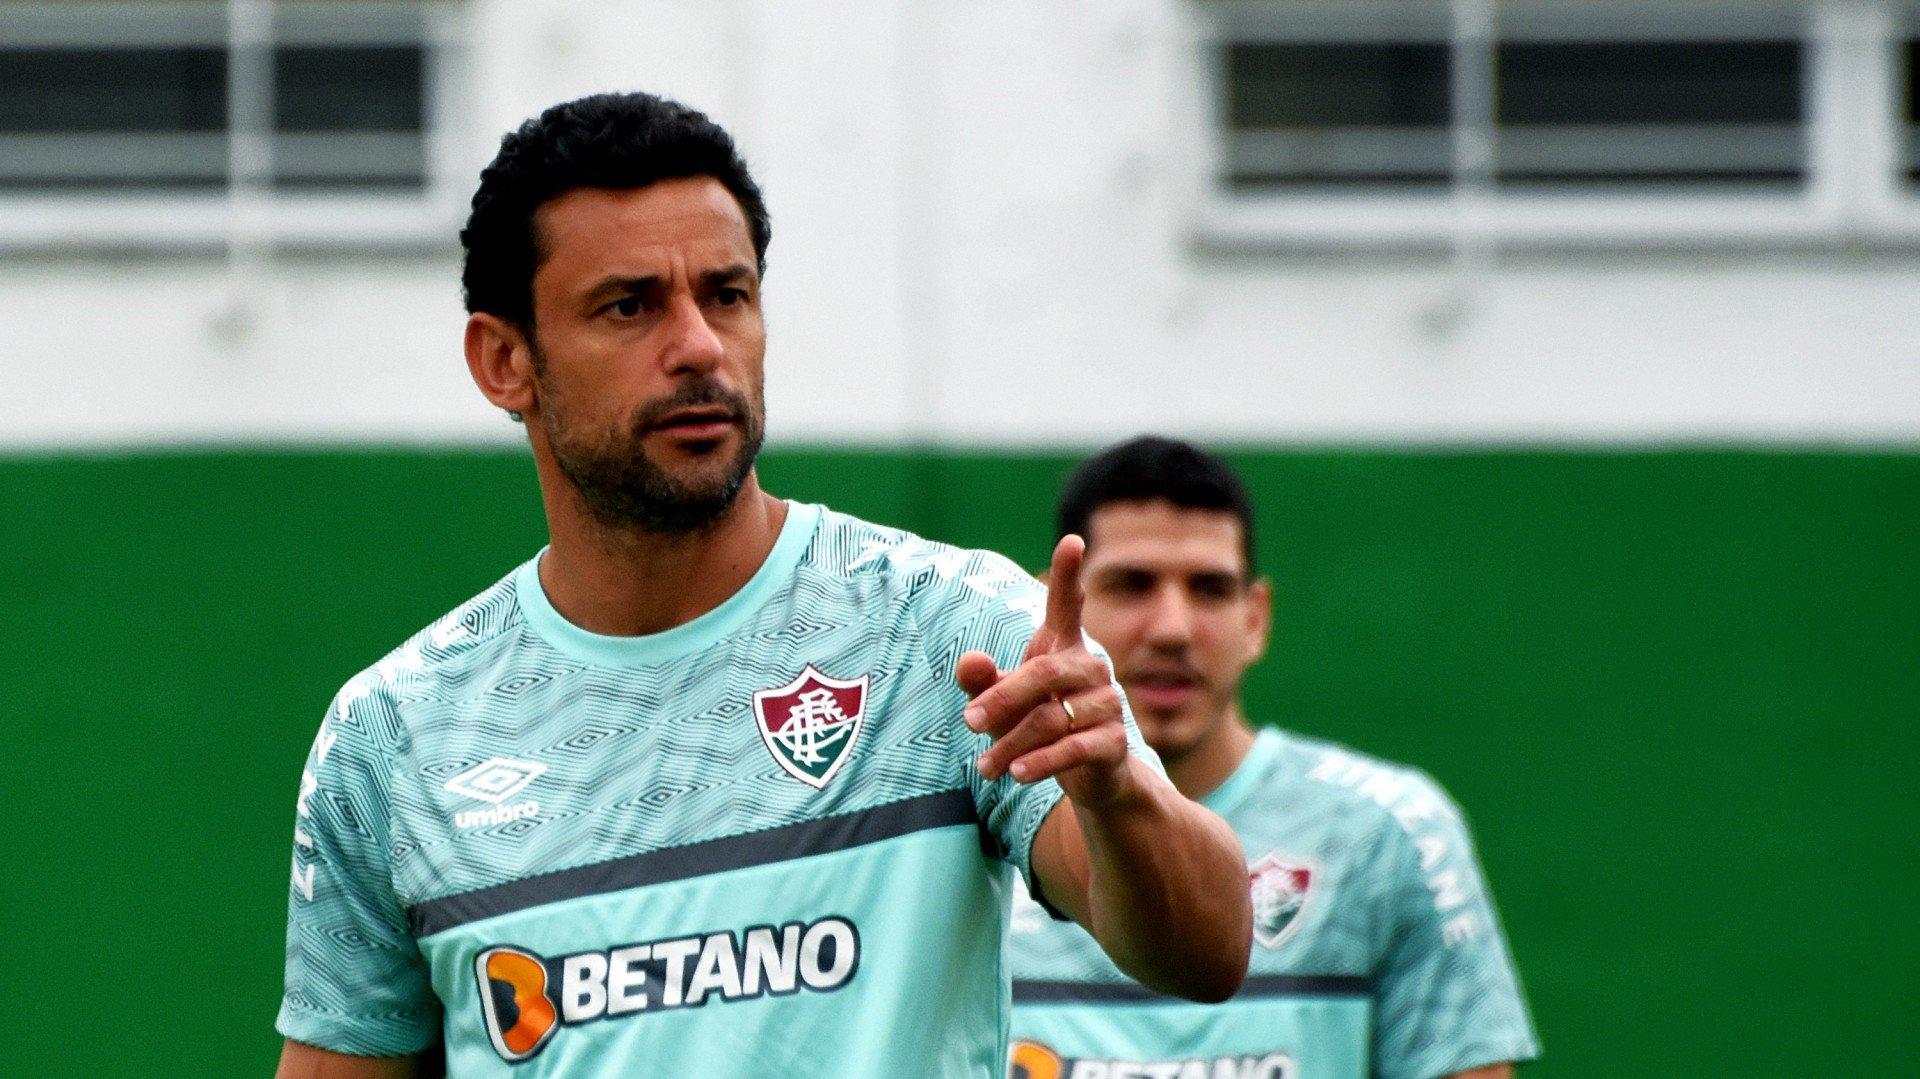 Contra o São Paulo, Fred deverá alcançar mais uma marca importante com a camisa do Fluminense